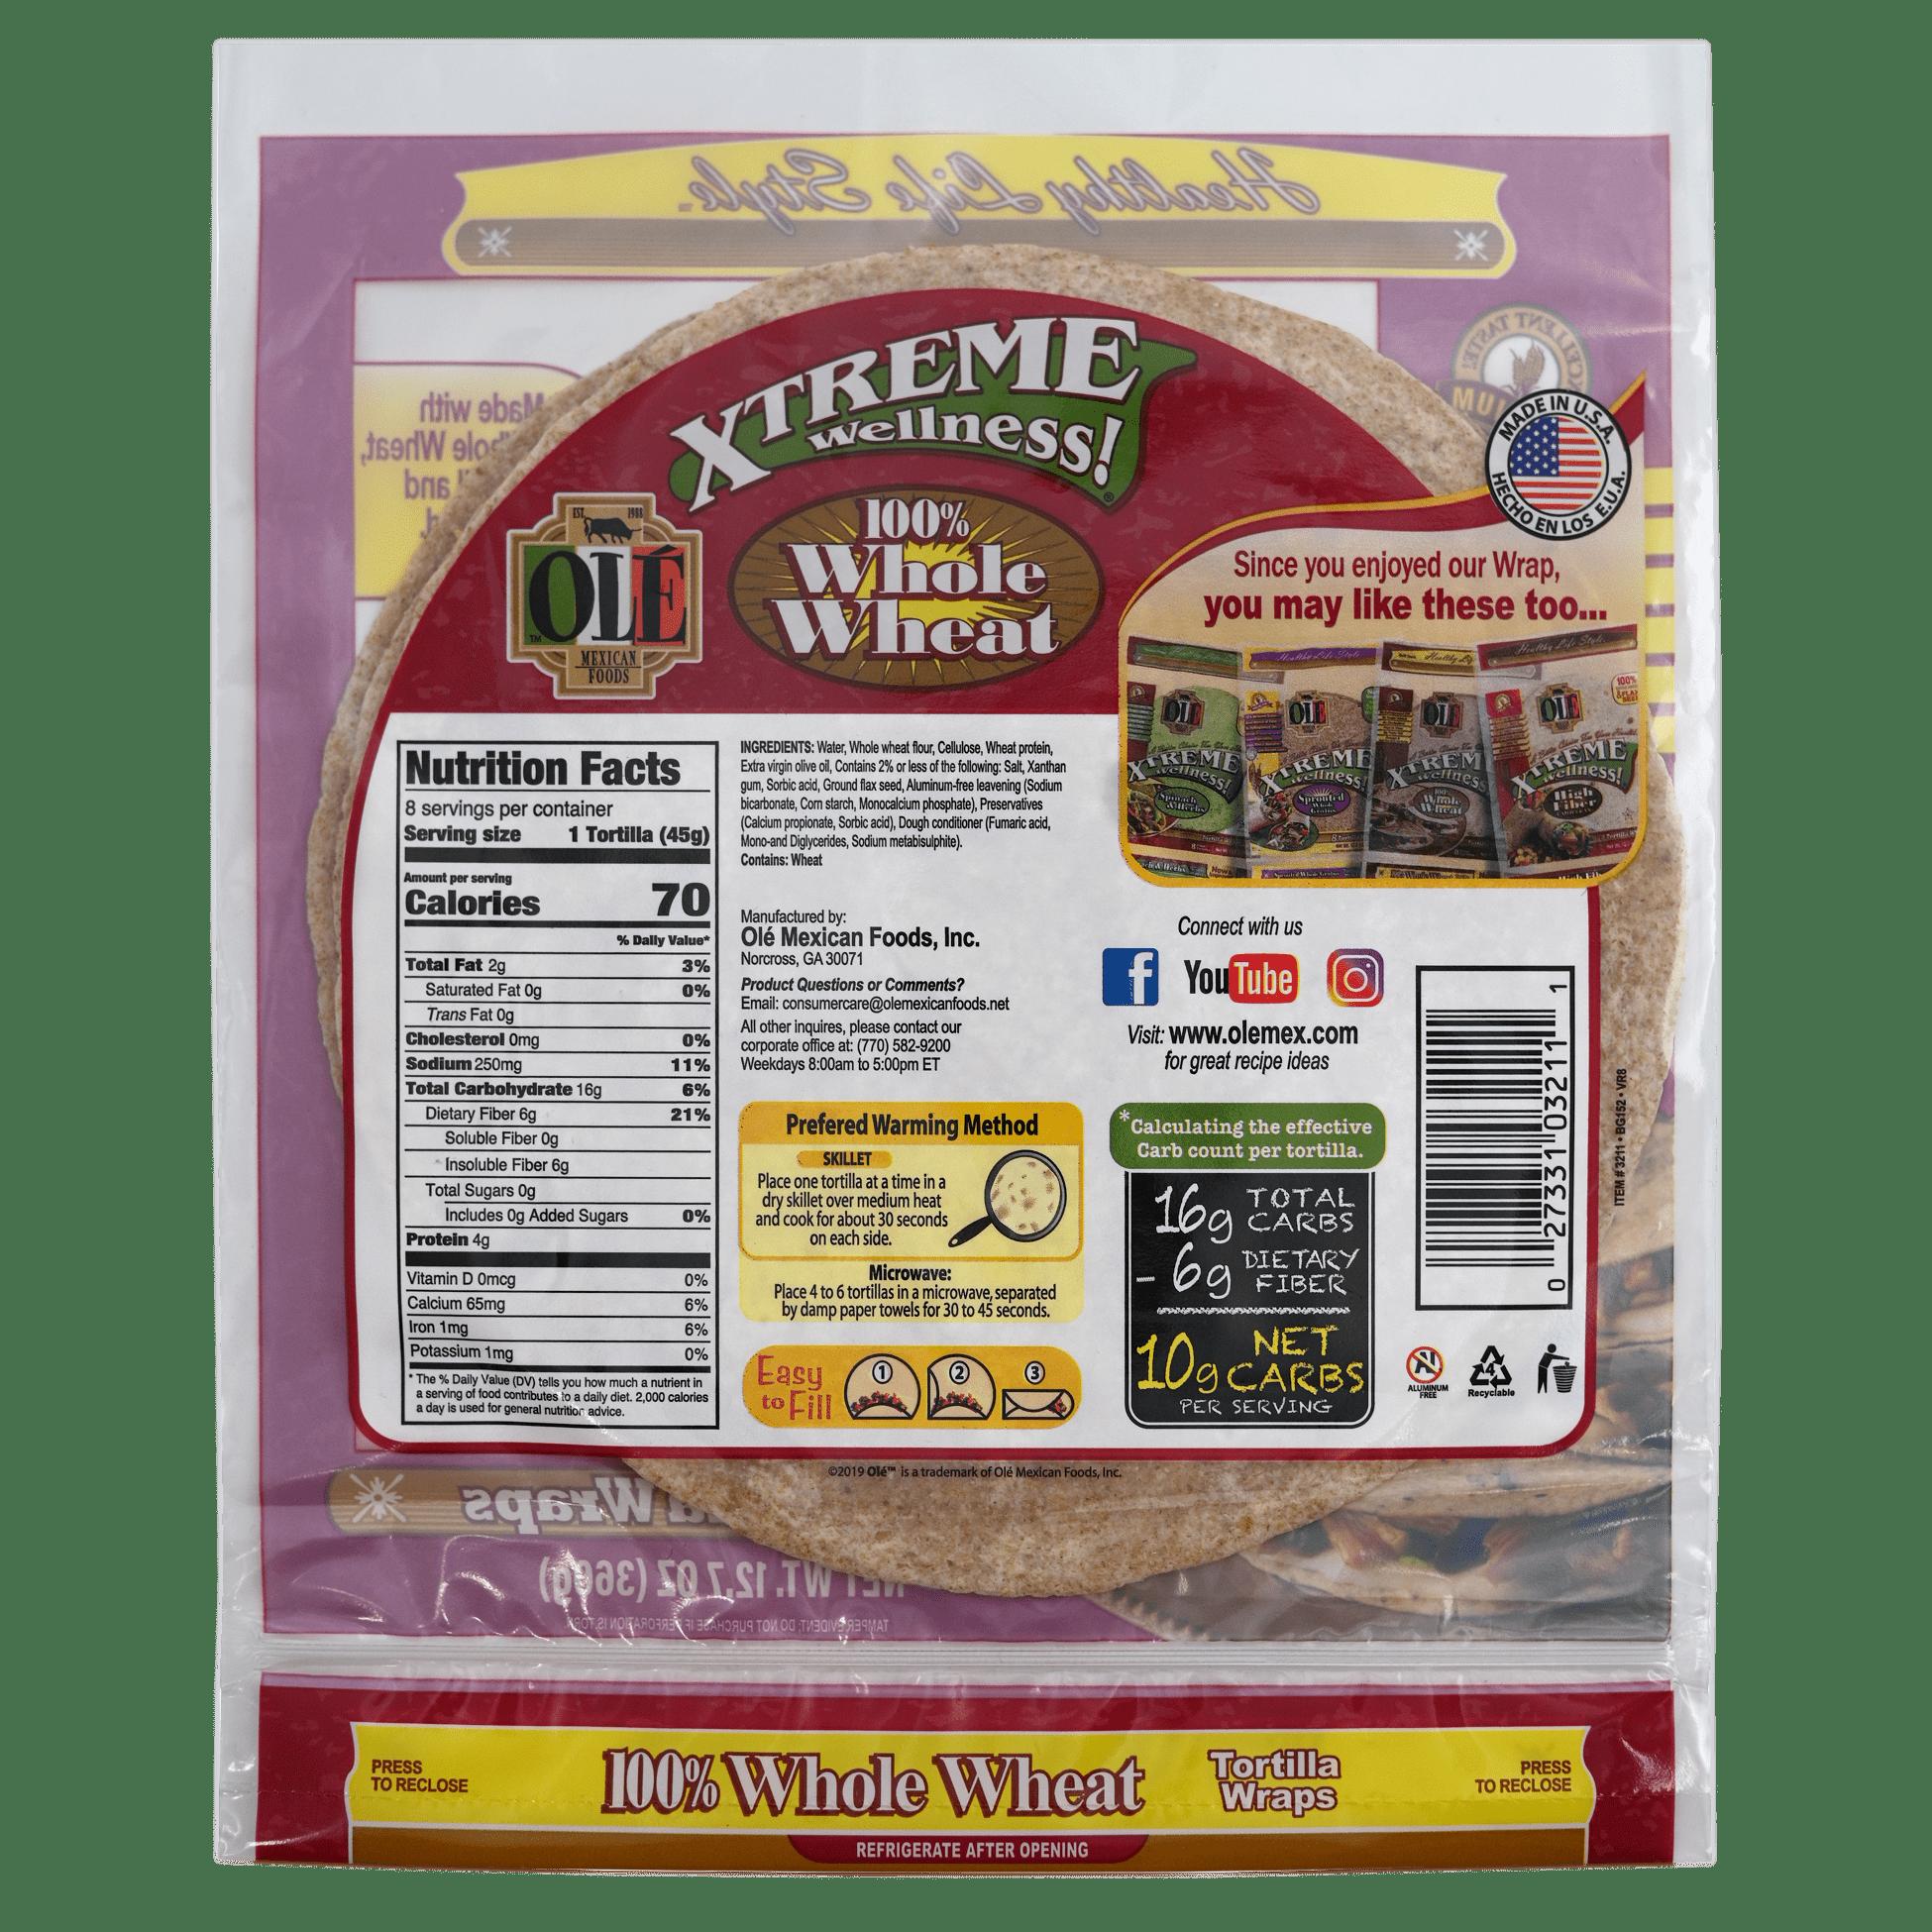 Xtreme Whole Wheat - Back